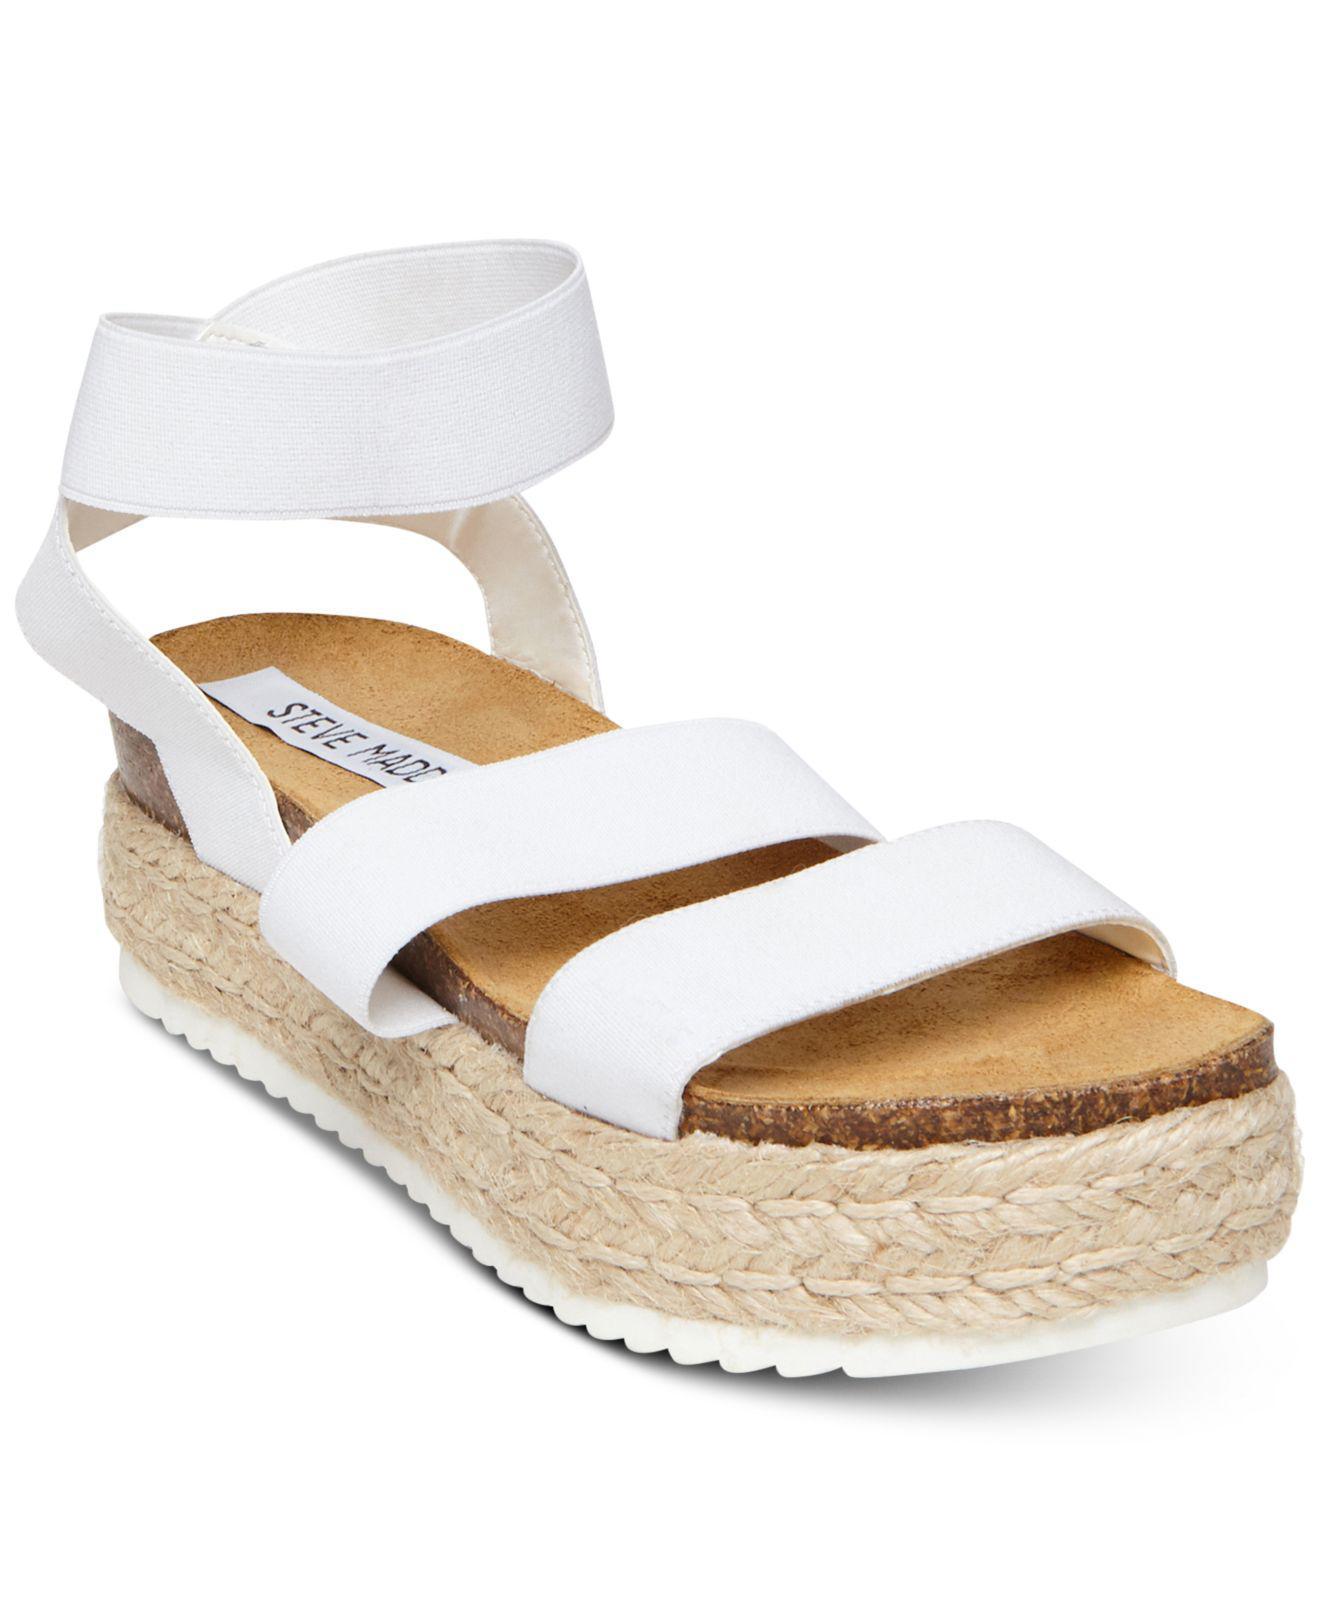 ac4f992ed04 Lyst - Steve Madden Kimmie Flatform Espadrille Sandals in White